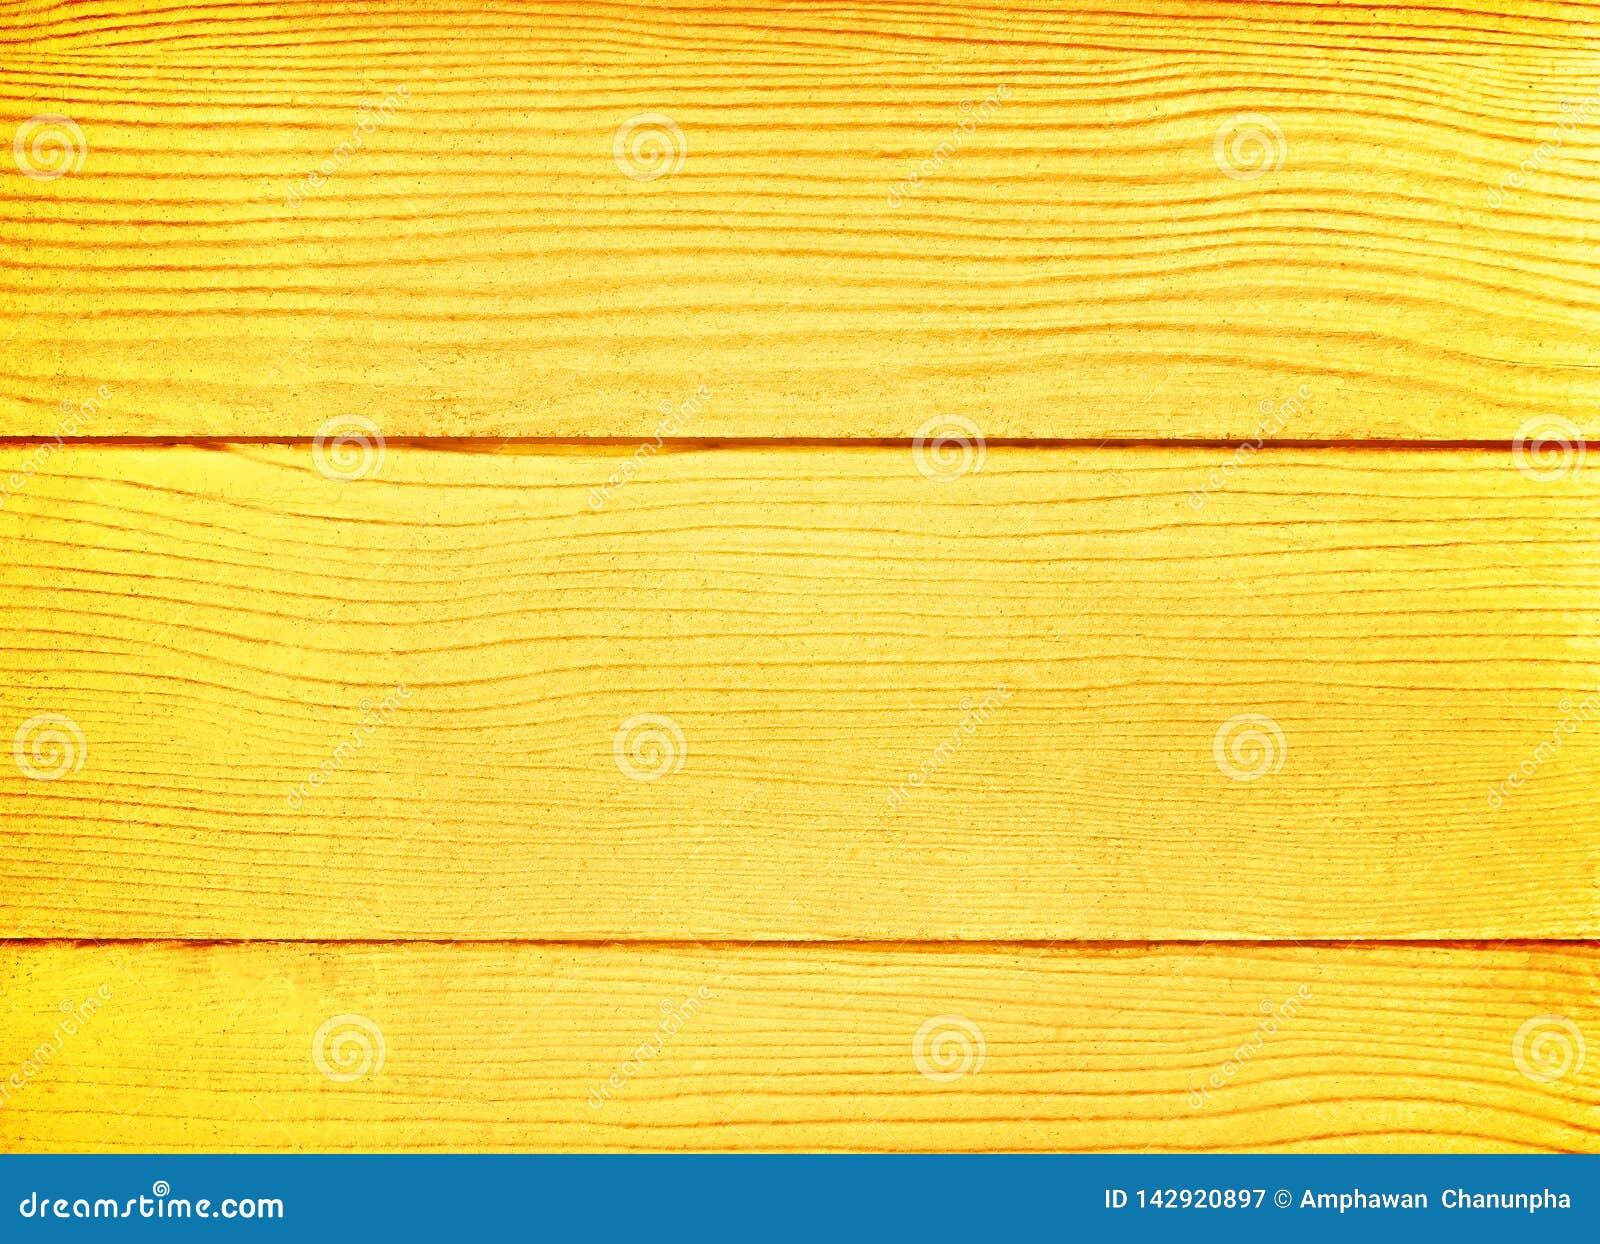 Goldener hölzerner Hintergrund, leere Plankenwandbeschaffenheit in der horizontalen Linie Muster